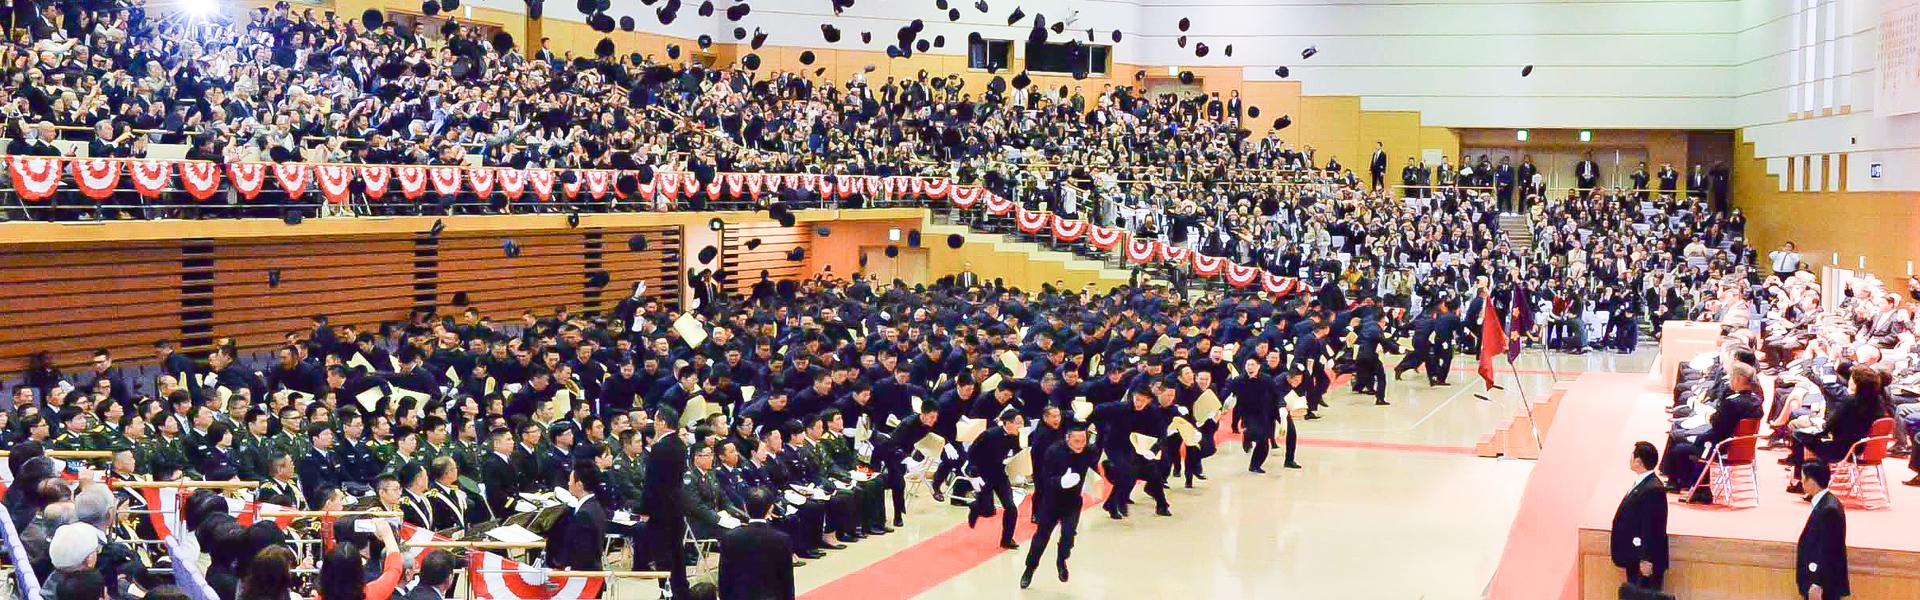 卒業式での帽子投げ